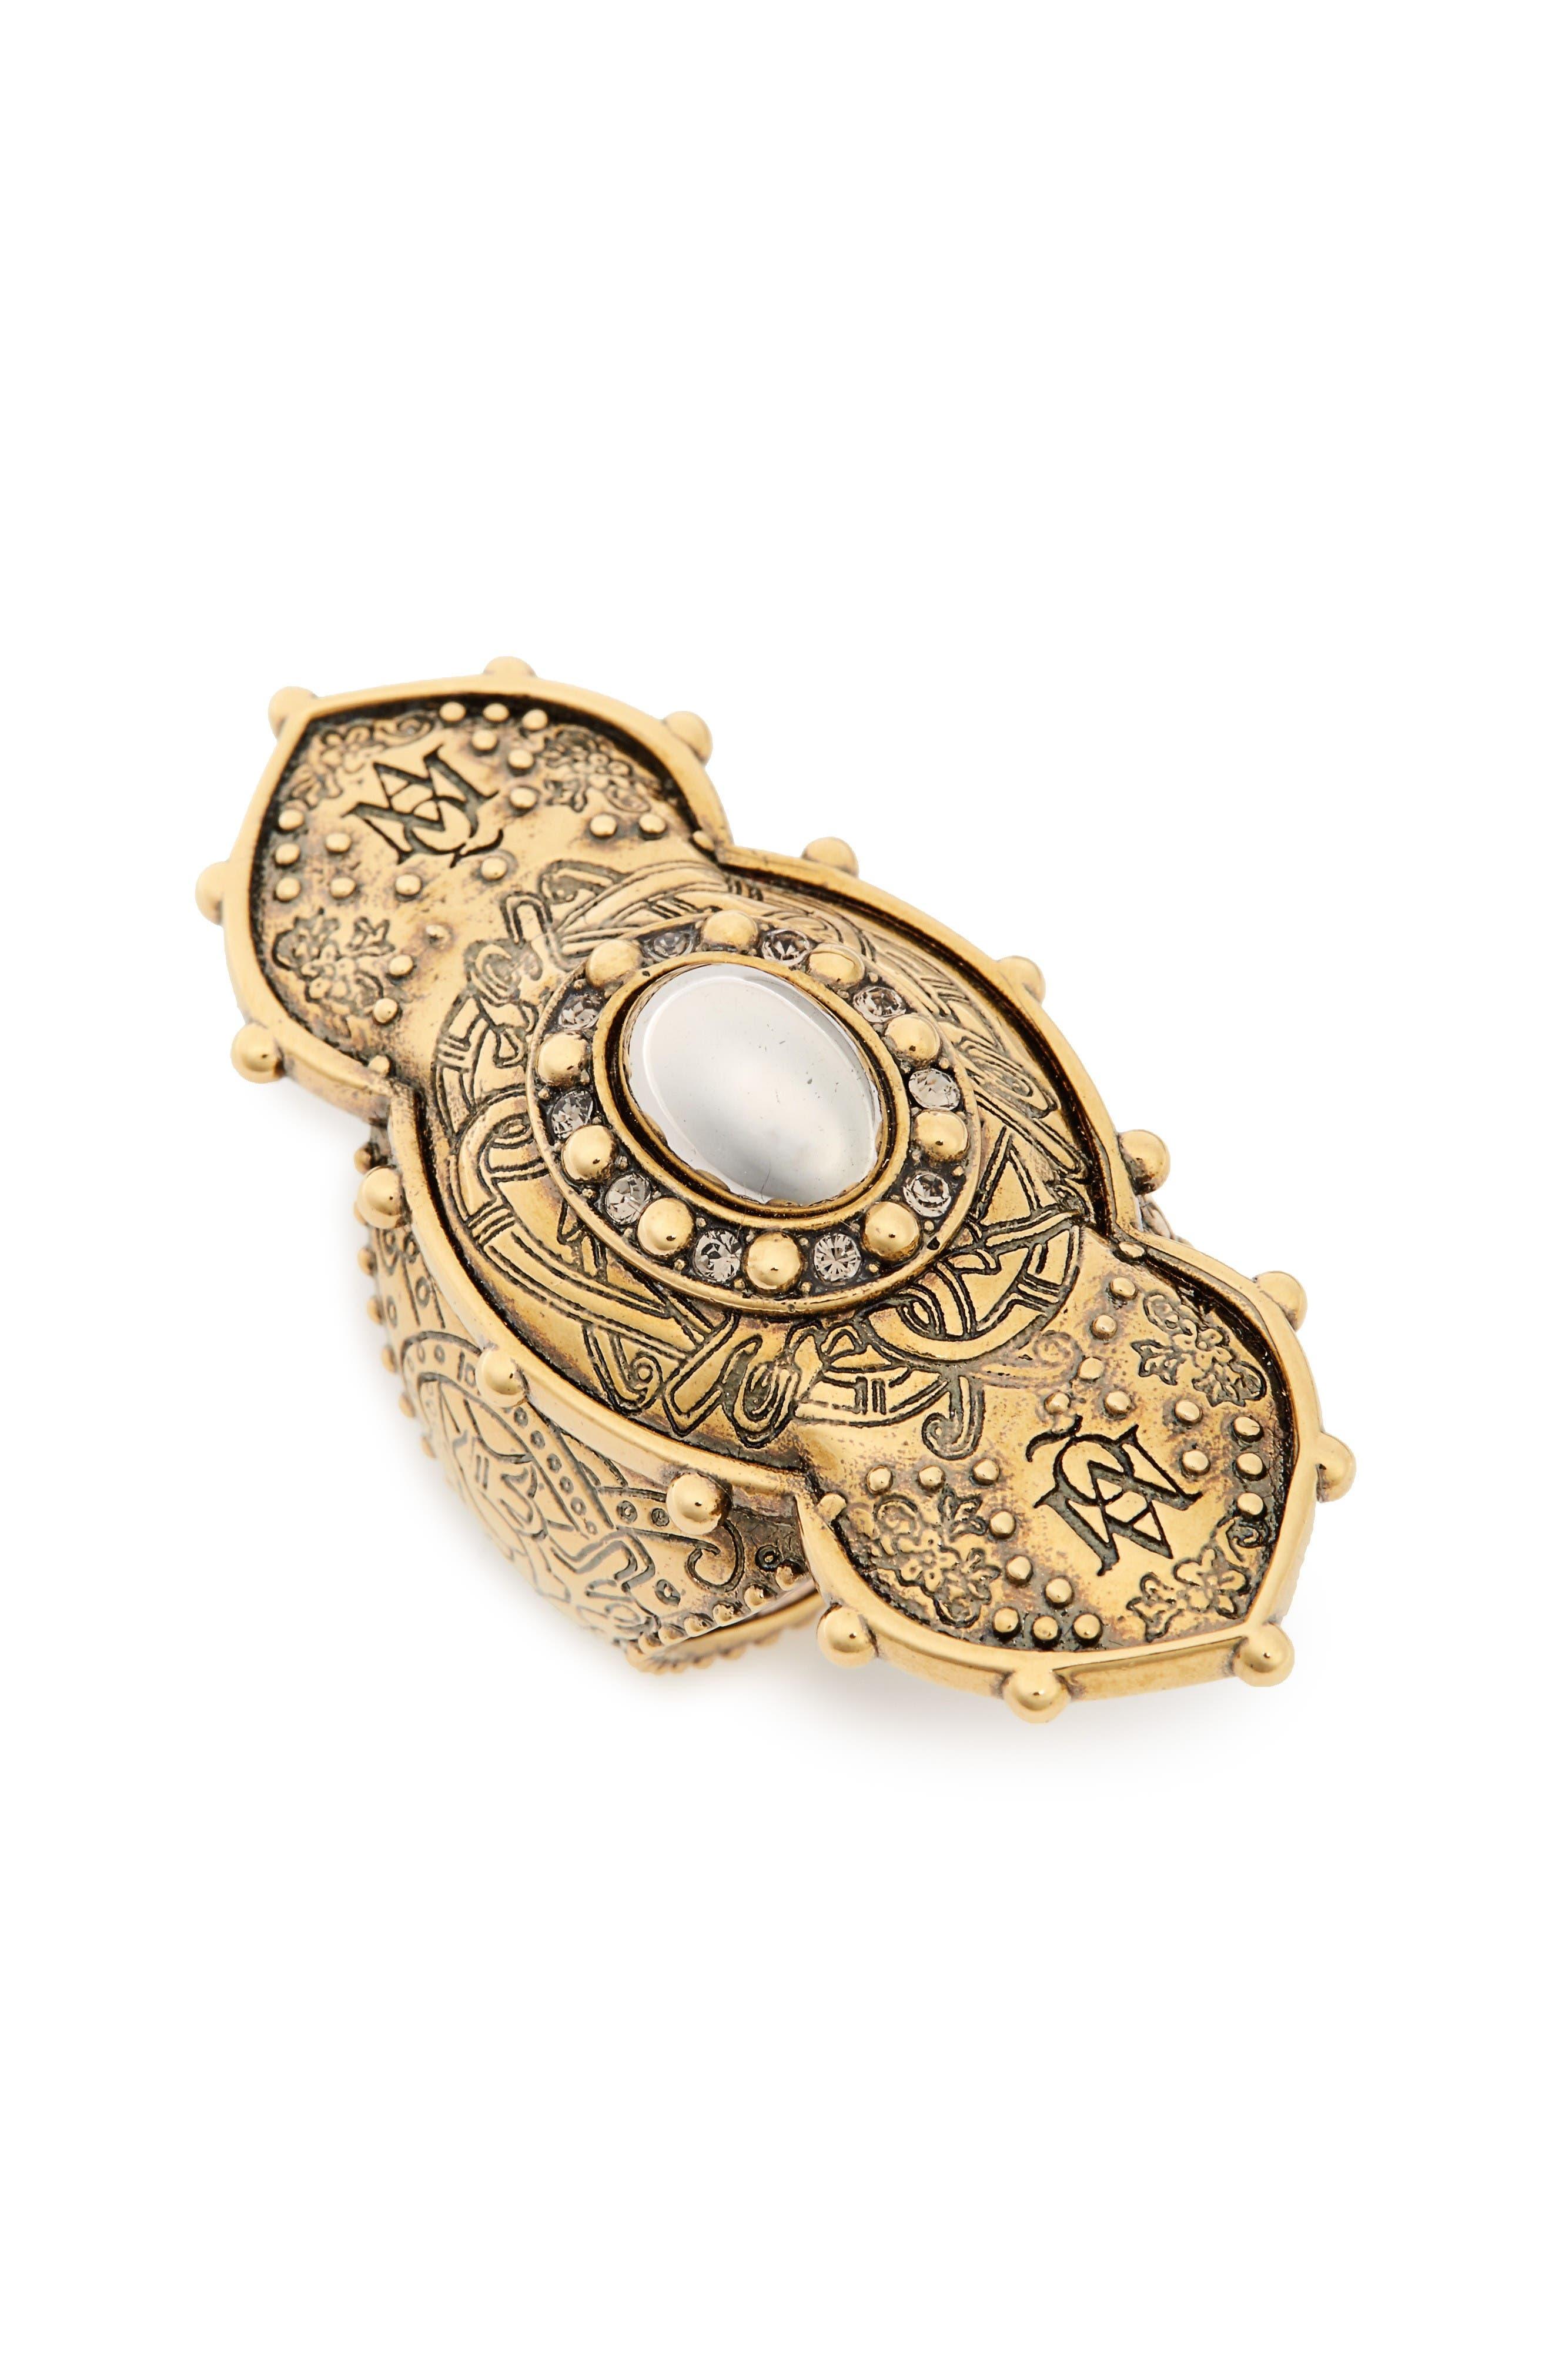 ALEXANDER MCQUEEN Jewel Oval Ring